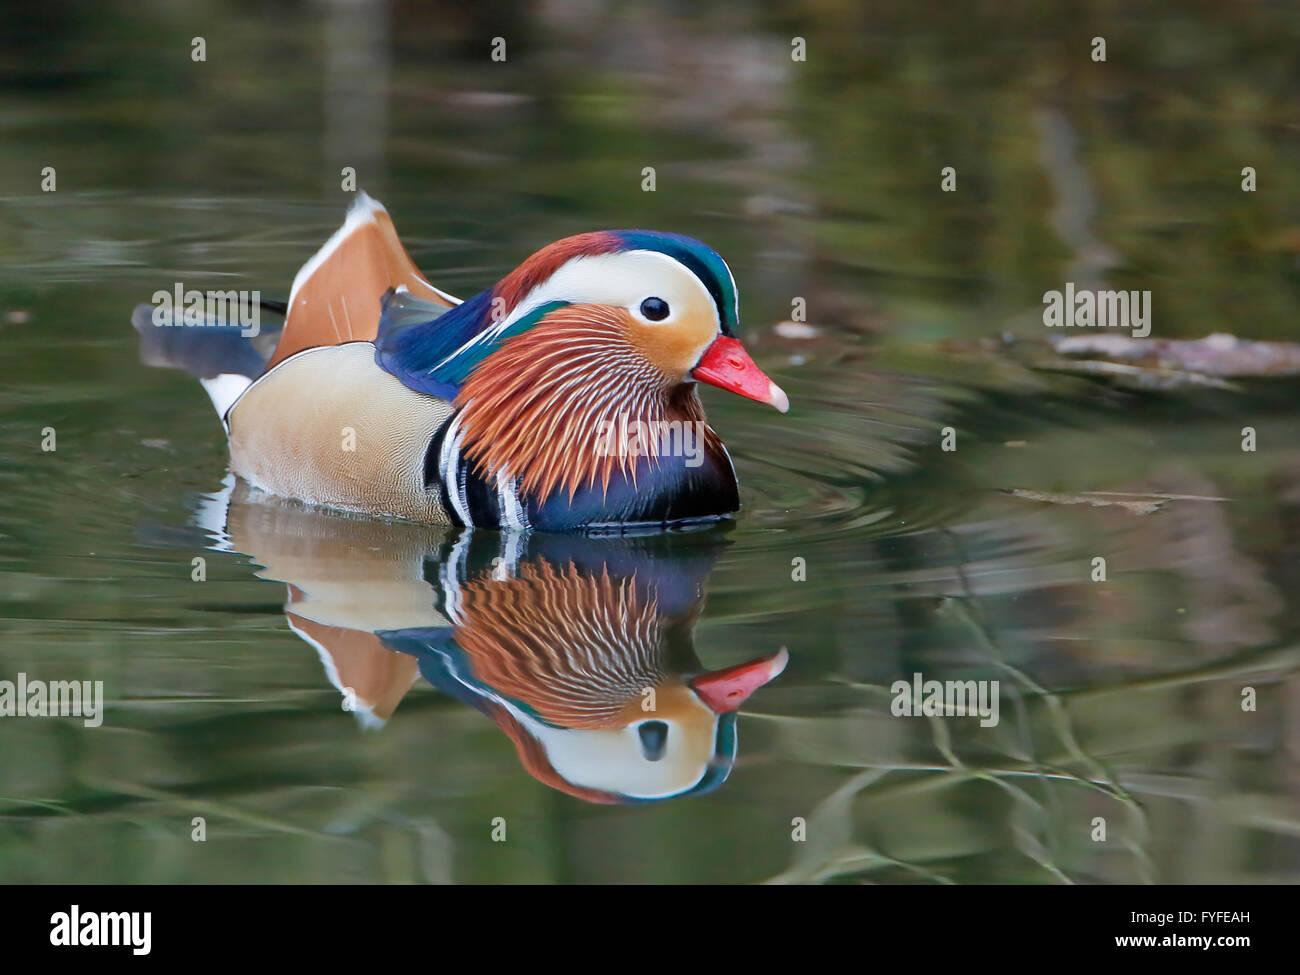 Canard mandarin (Aix galericulata) masculin natation dans l'eau avec la réflexion Banque D'Images